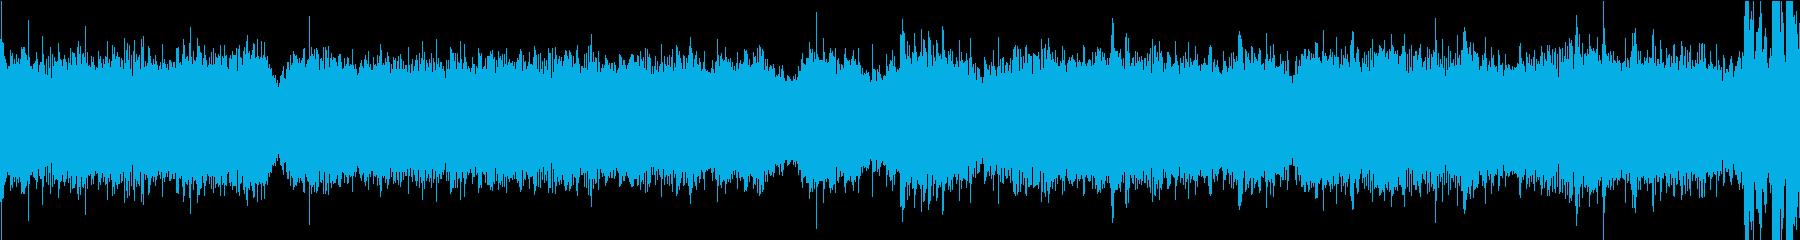 宇宙空間をイメージした近未来的なループ曲の再生済みの波形